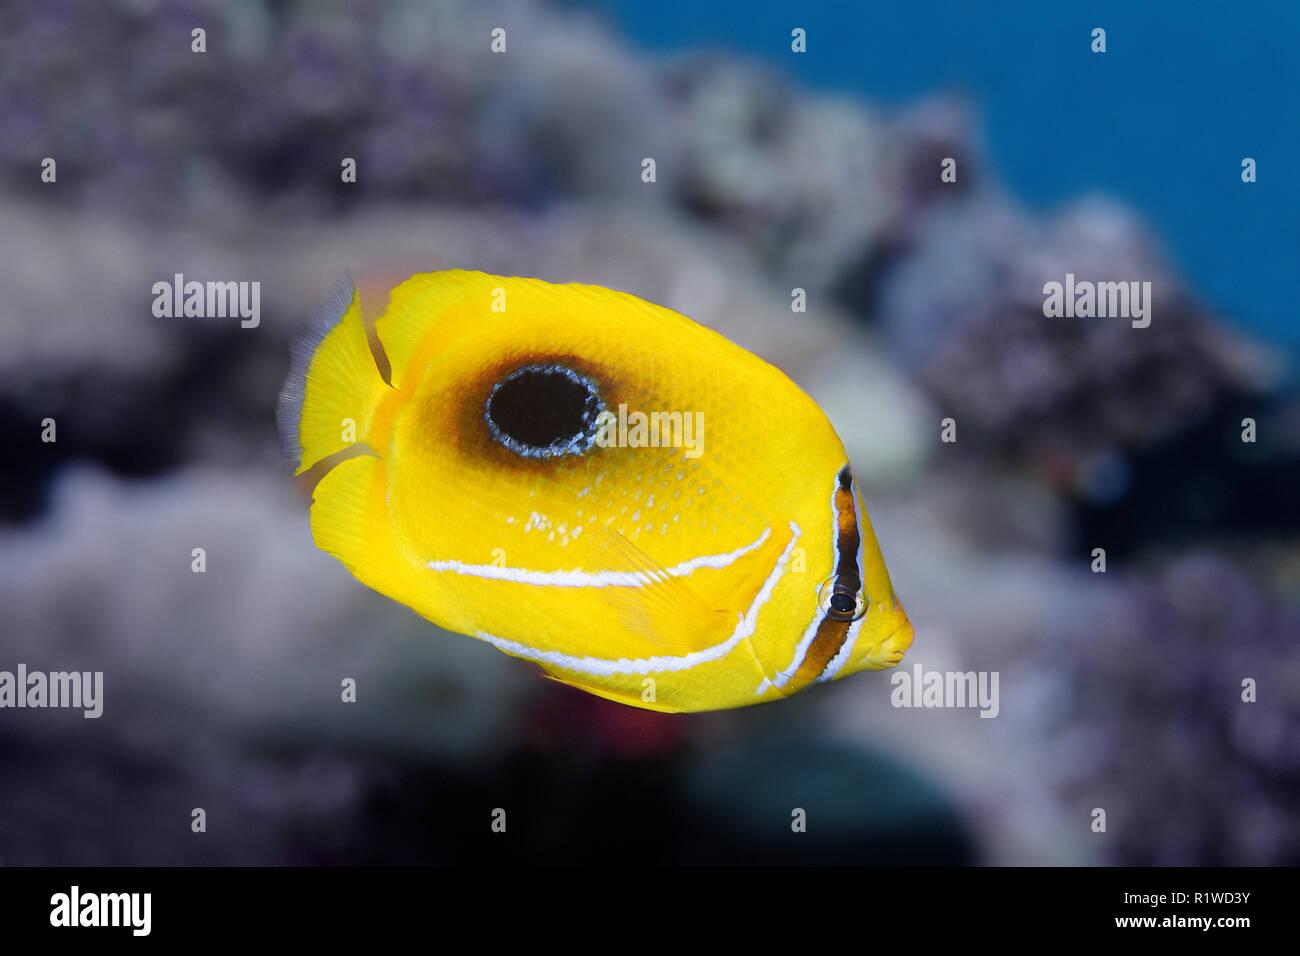 Papillons miroir (Chaetodon speculum), nage dans la griffe du Reef, l'Indonésie, Sulawesi, Selayar, Pacifique, la mer de Flores, en Indonésie Photo Stock